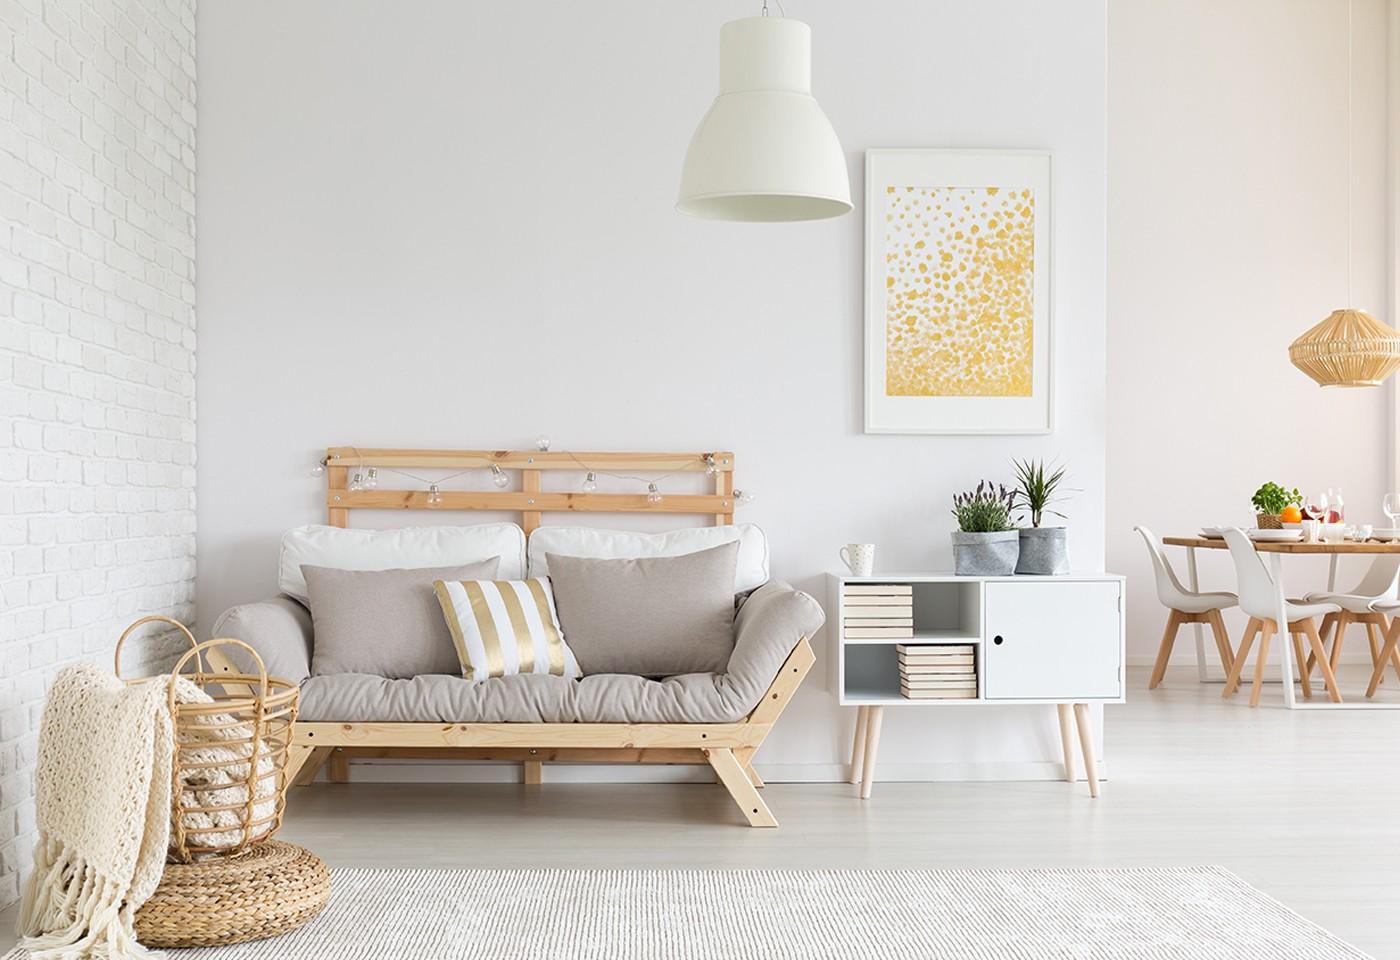 Idee arredamento casa low cost stile industriale e stile for Arredamento in saldo